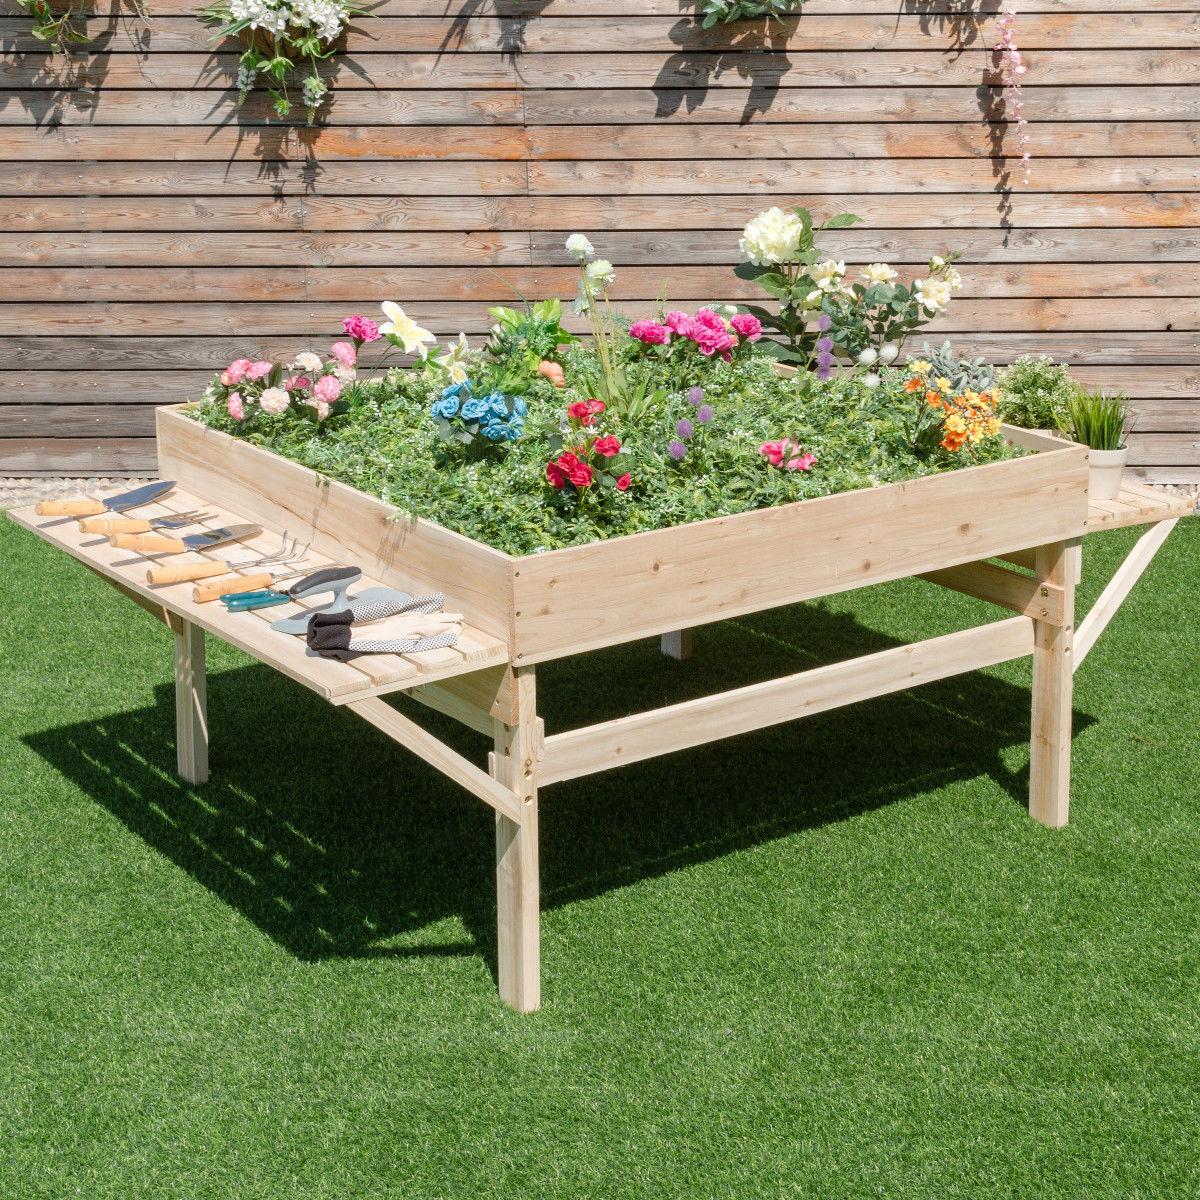 Costway Wood Garden Raised Bed Plant Planter Flower Elevated Gardening Workstation